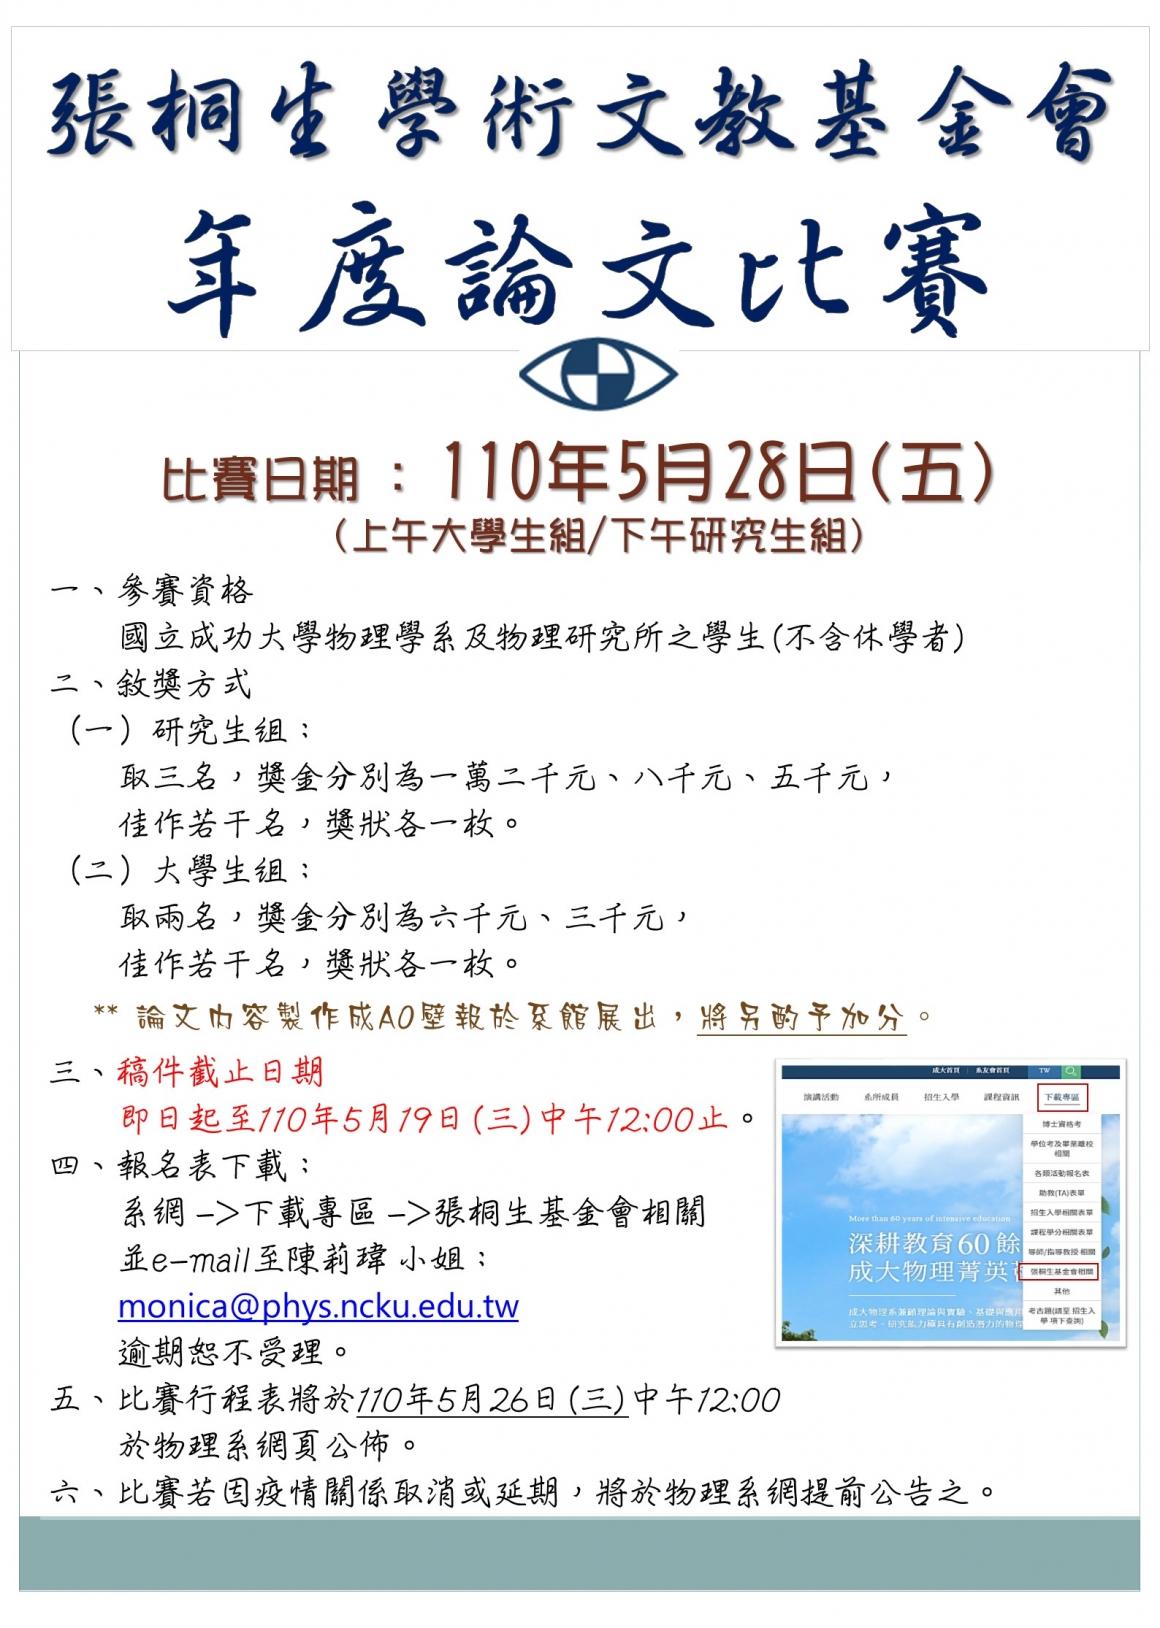 公告-張桐生學術文教基金會年度論文比賽(2021)